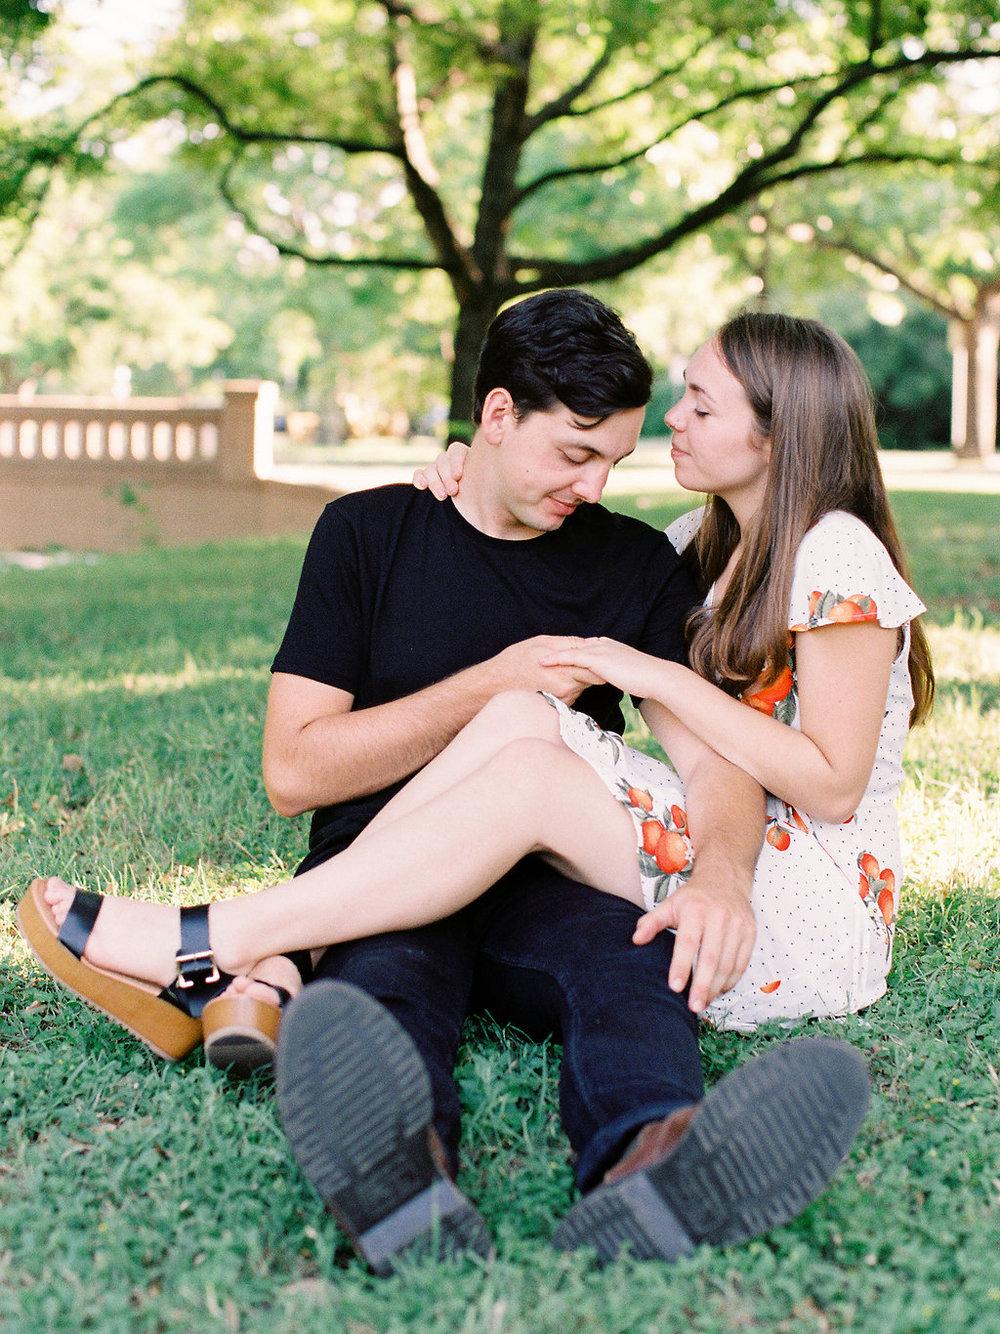 Best-Austin-Denver-California-Wedding-Photographers-fine-art-film-Engagement-Session-10.jpg